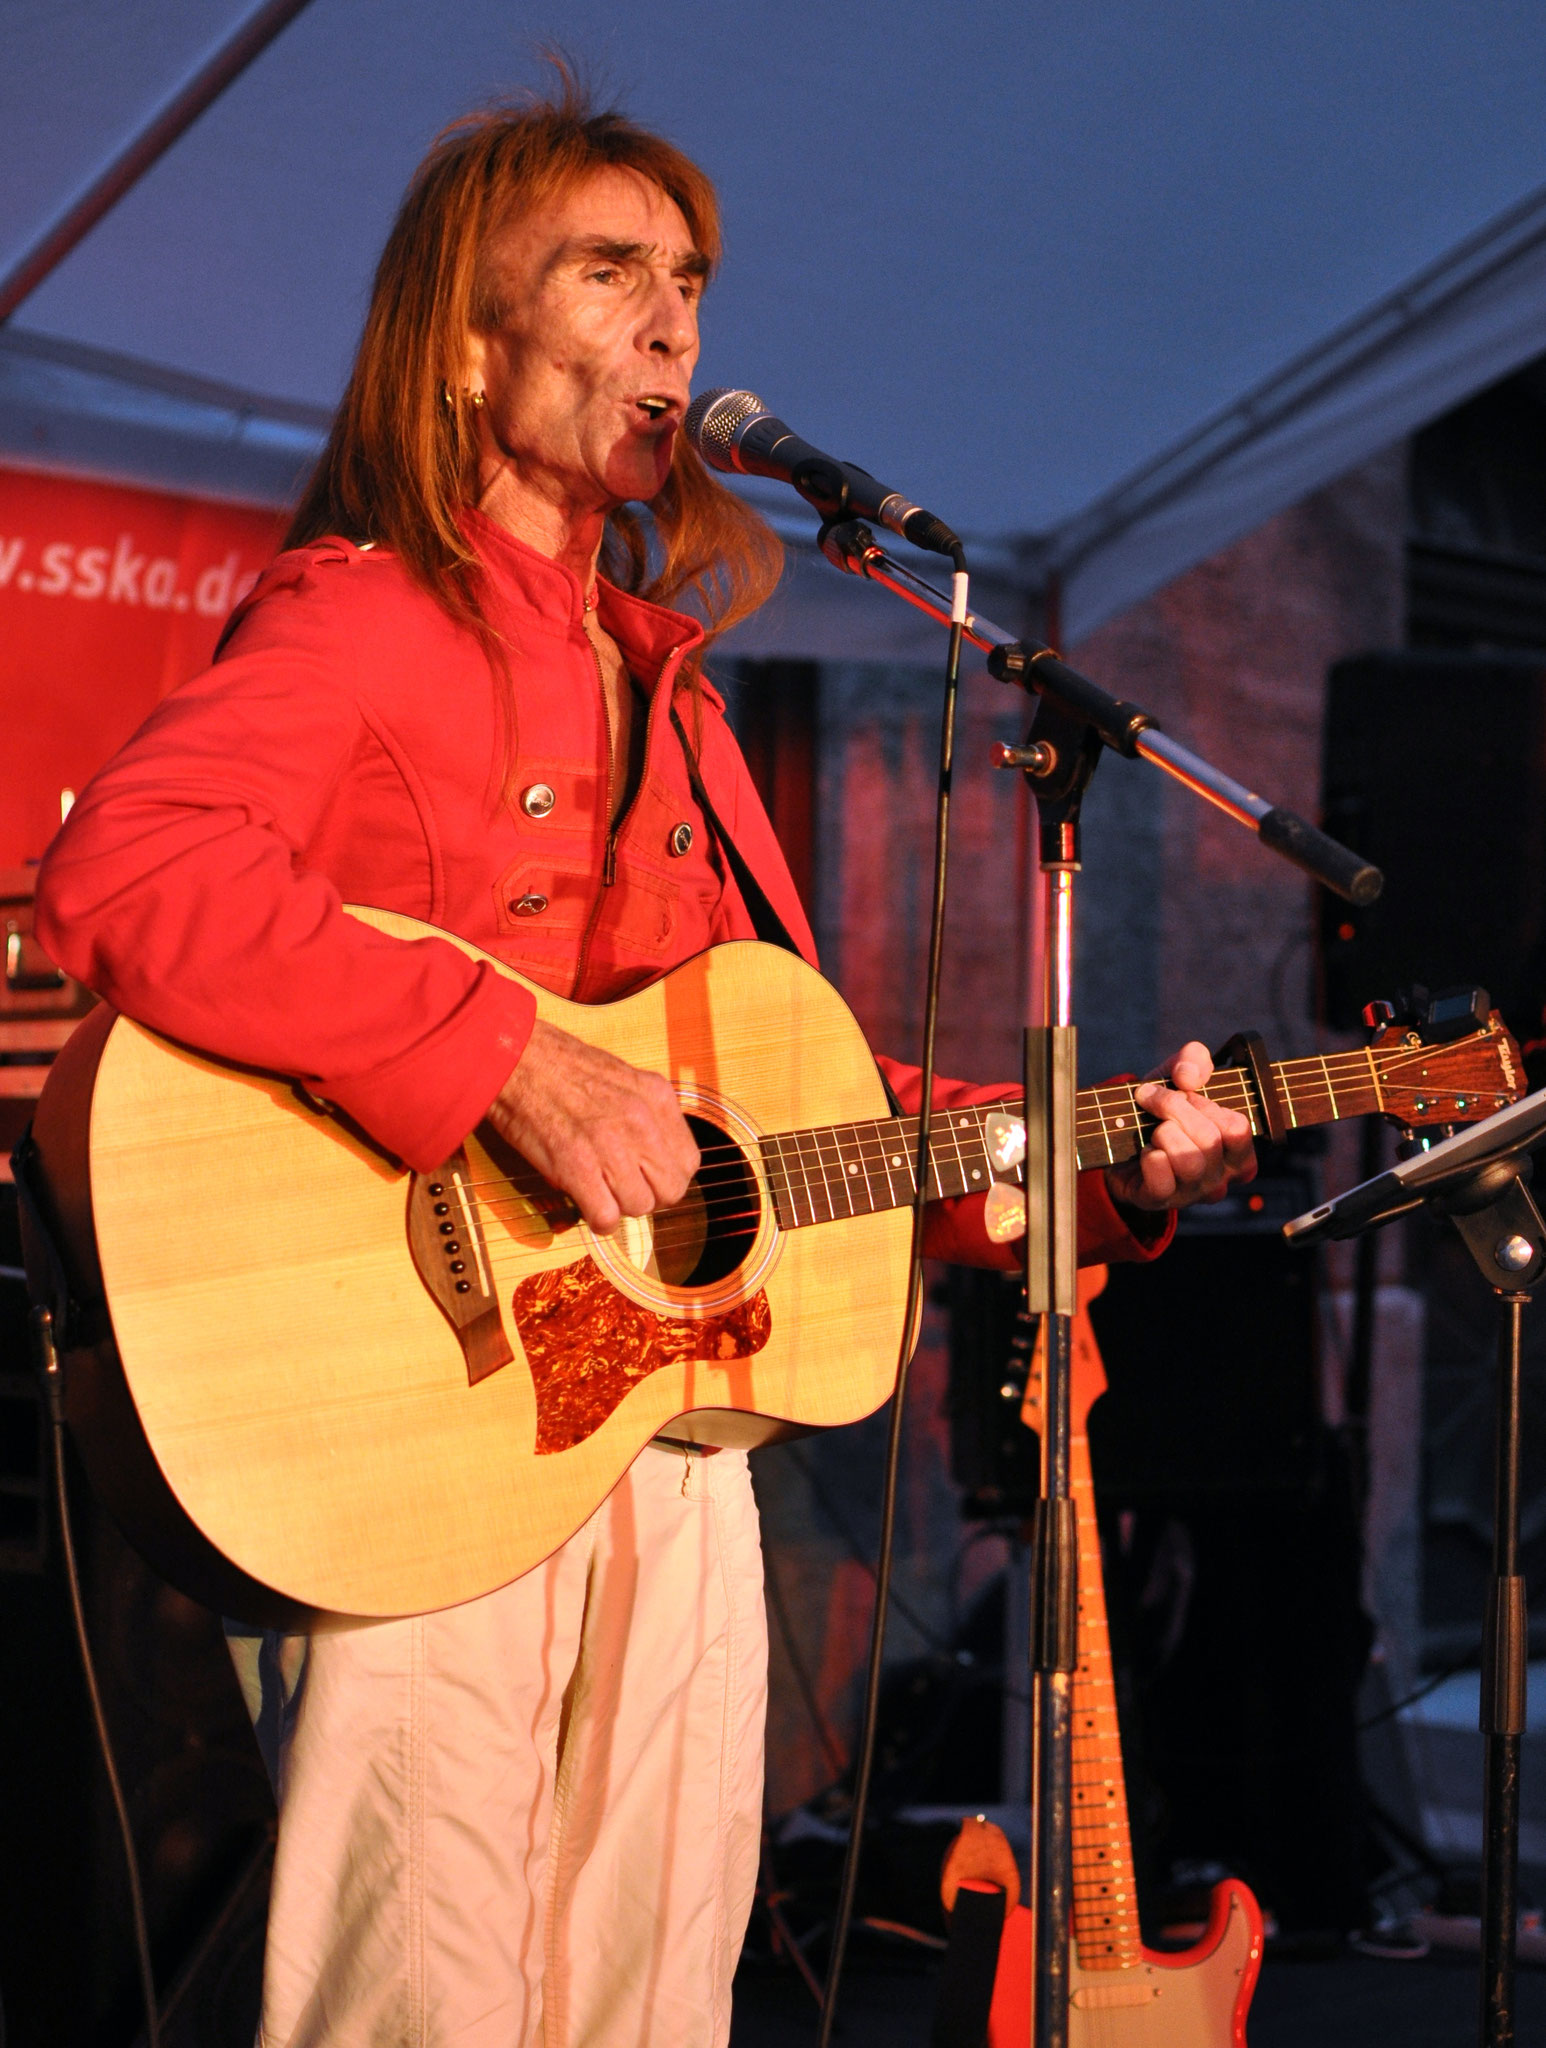 Konzerte im Bürgerhof 15.07.11 2Shotguns - Freiwilligen-Zentrum Augsburg - Foto: Martin Schönberger